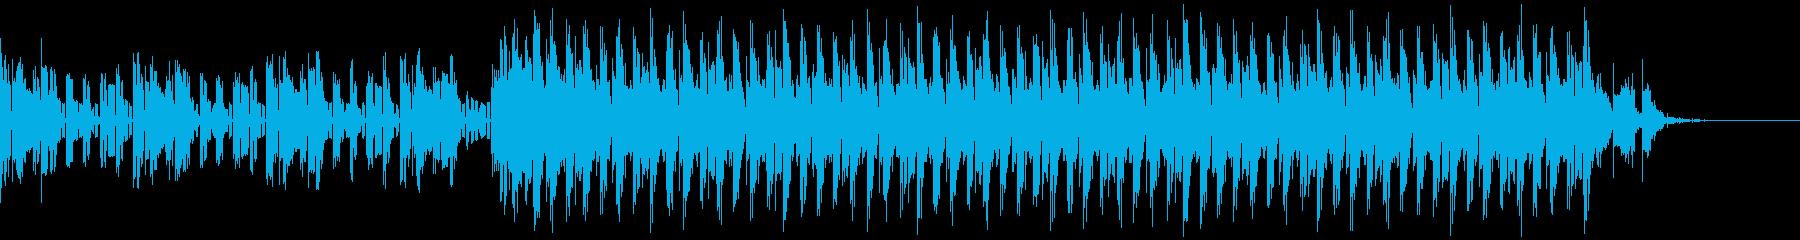 ハードテクスチャ―1の再生済みの波形